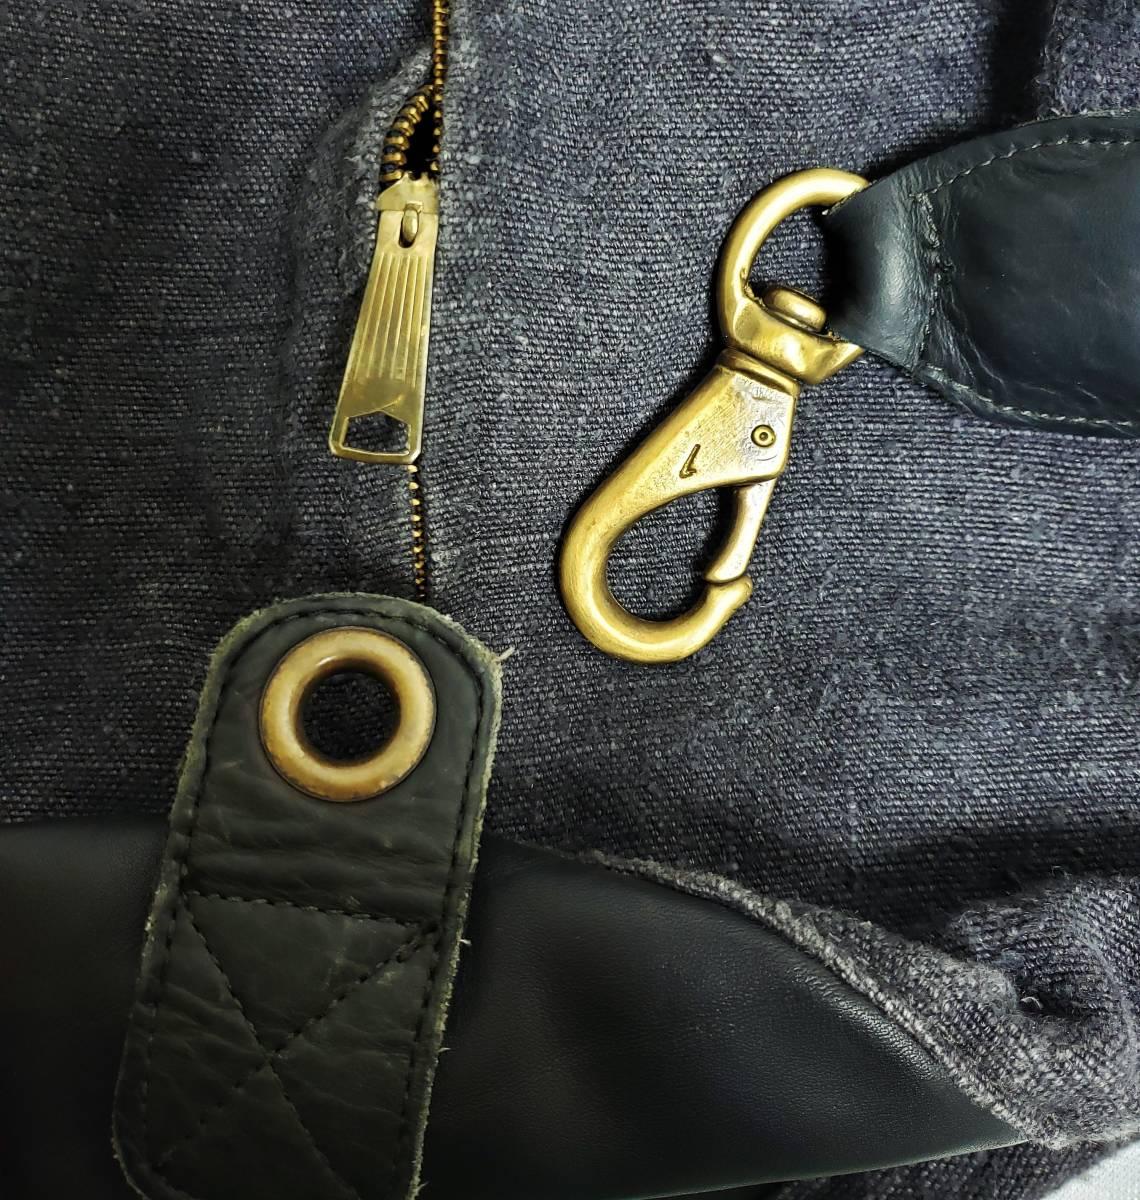 希少 80 90 年代 ヴィンテージ 真鍮金具 ダナキャラン DKNY ボトムレザー リネン ダッフル ショルダー バッグ ランドリー 鞄 ボディー 麻_画像9